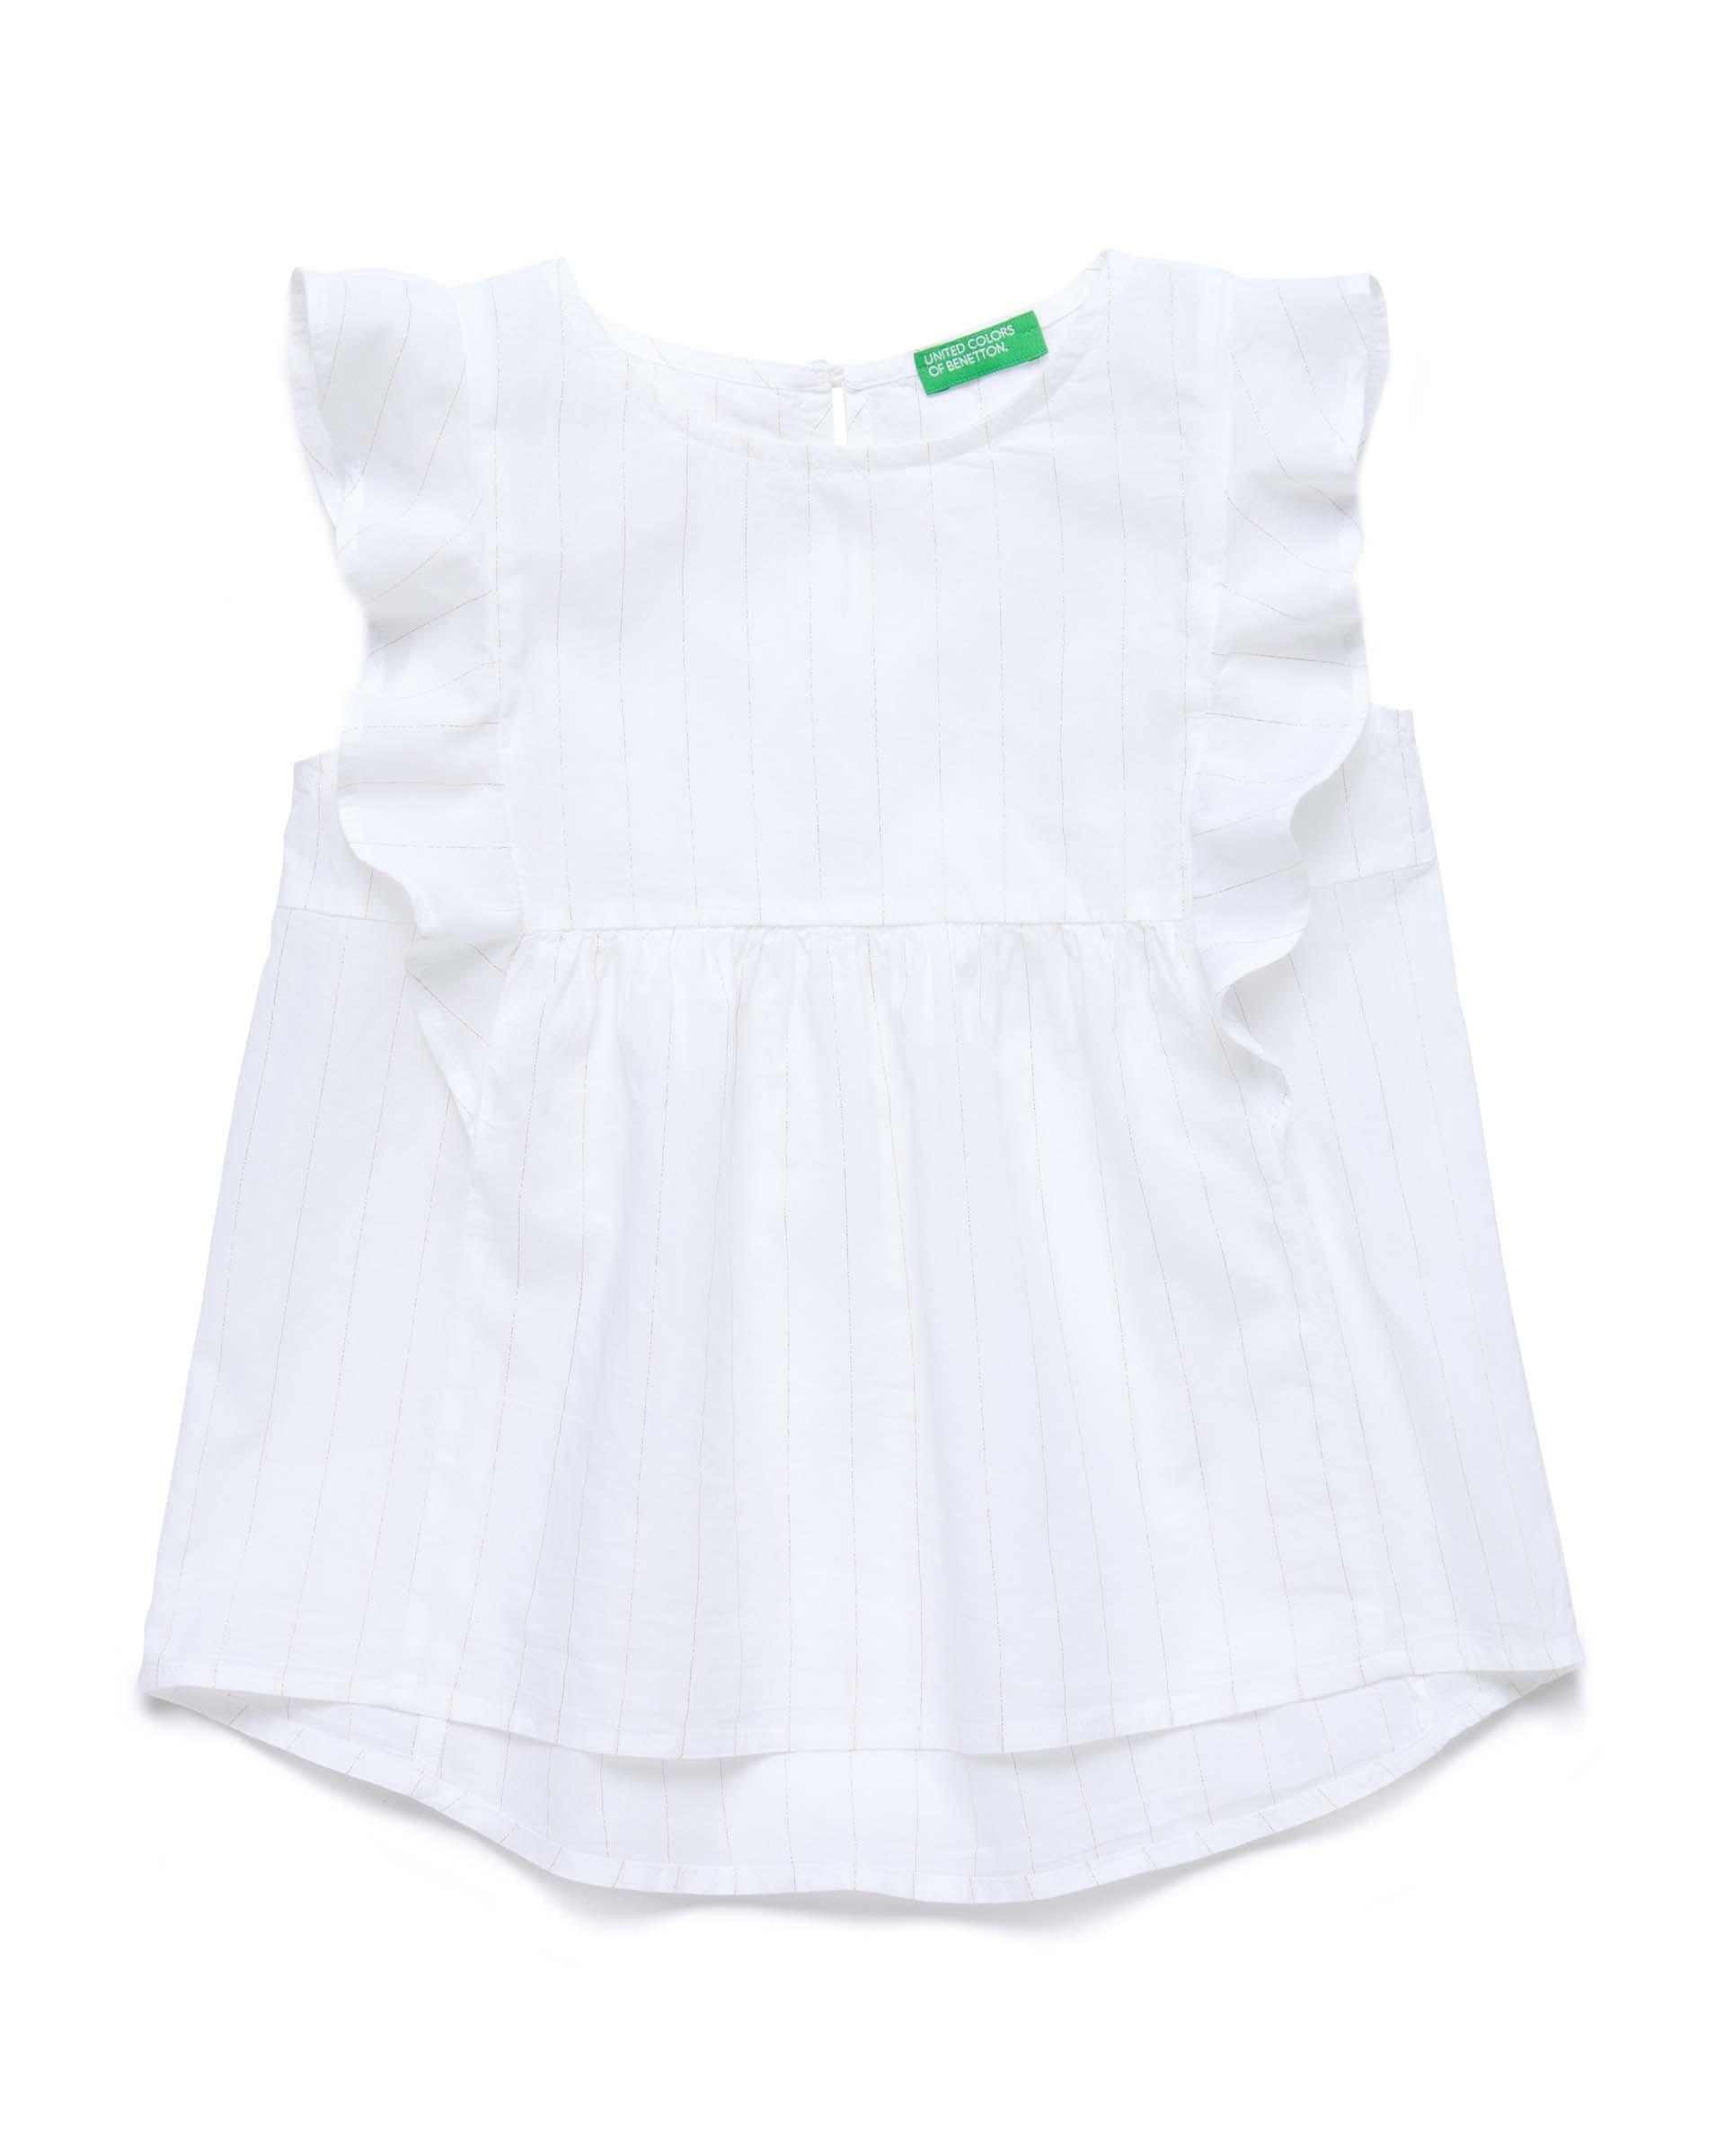 Купить 20P_5OV55QH80_901, Блуза для девочек Benetton 5OV55QH80_901 р-р 128, United Colors of Benetton, Блузки для девочек